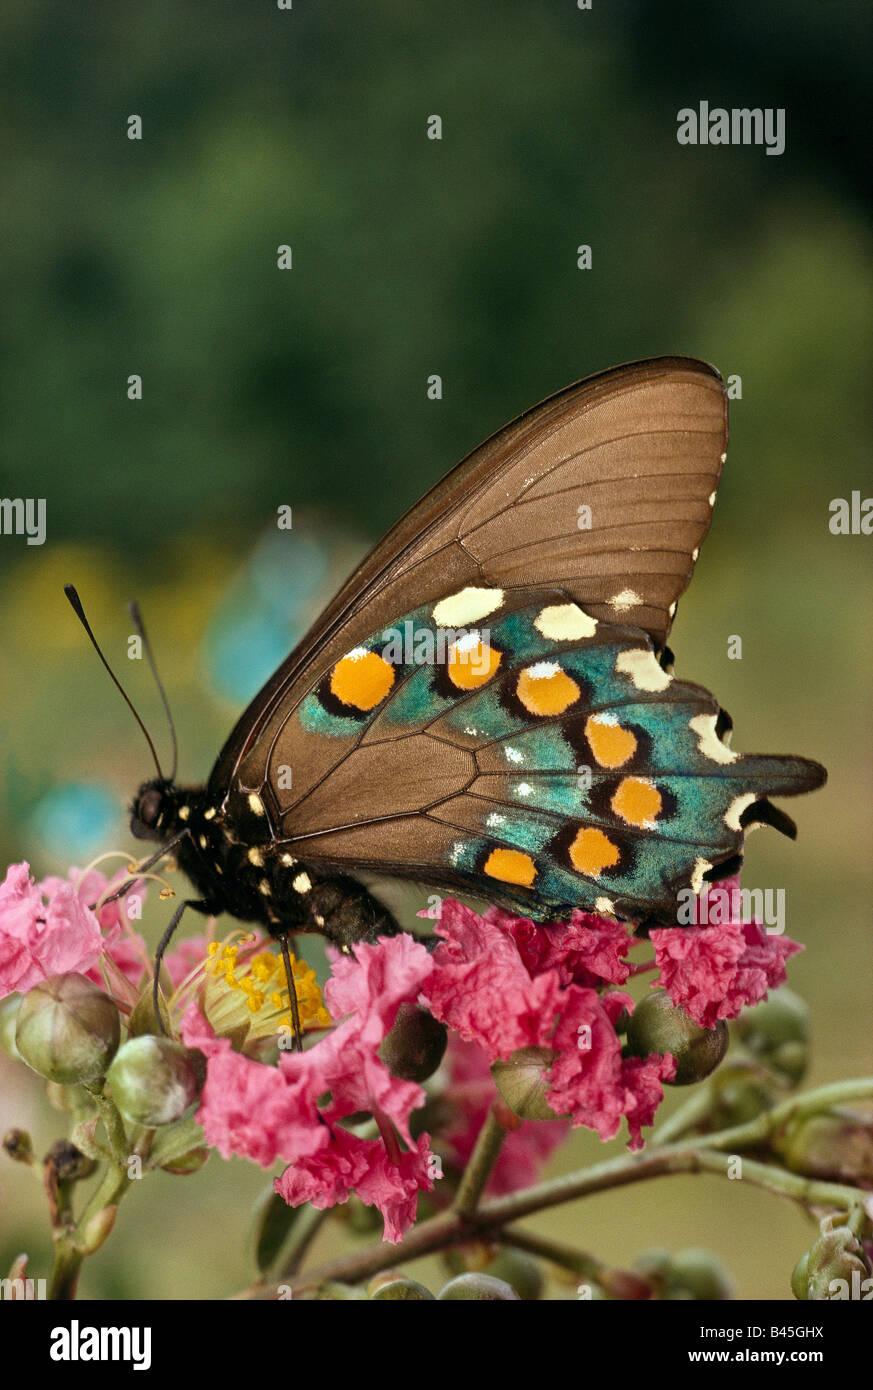 Especie Spicebush, mariposas Papilionidae Papilio: Troilo, saboreando el néctar. Foto de stock